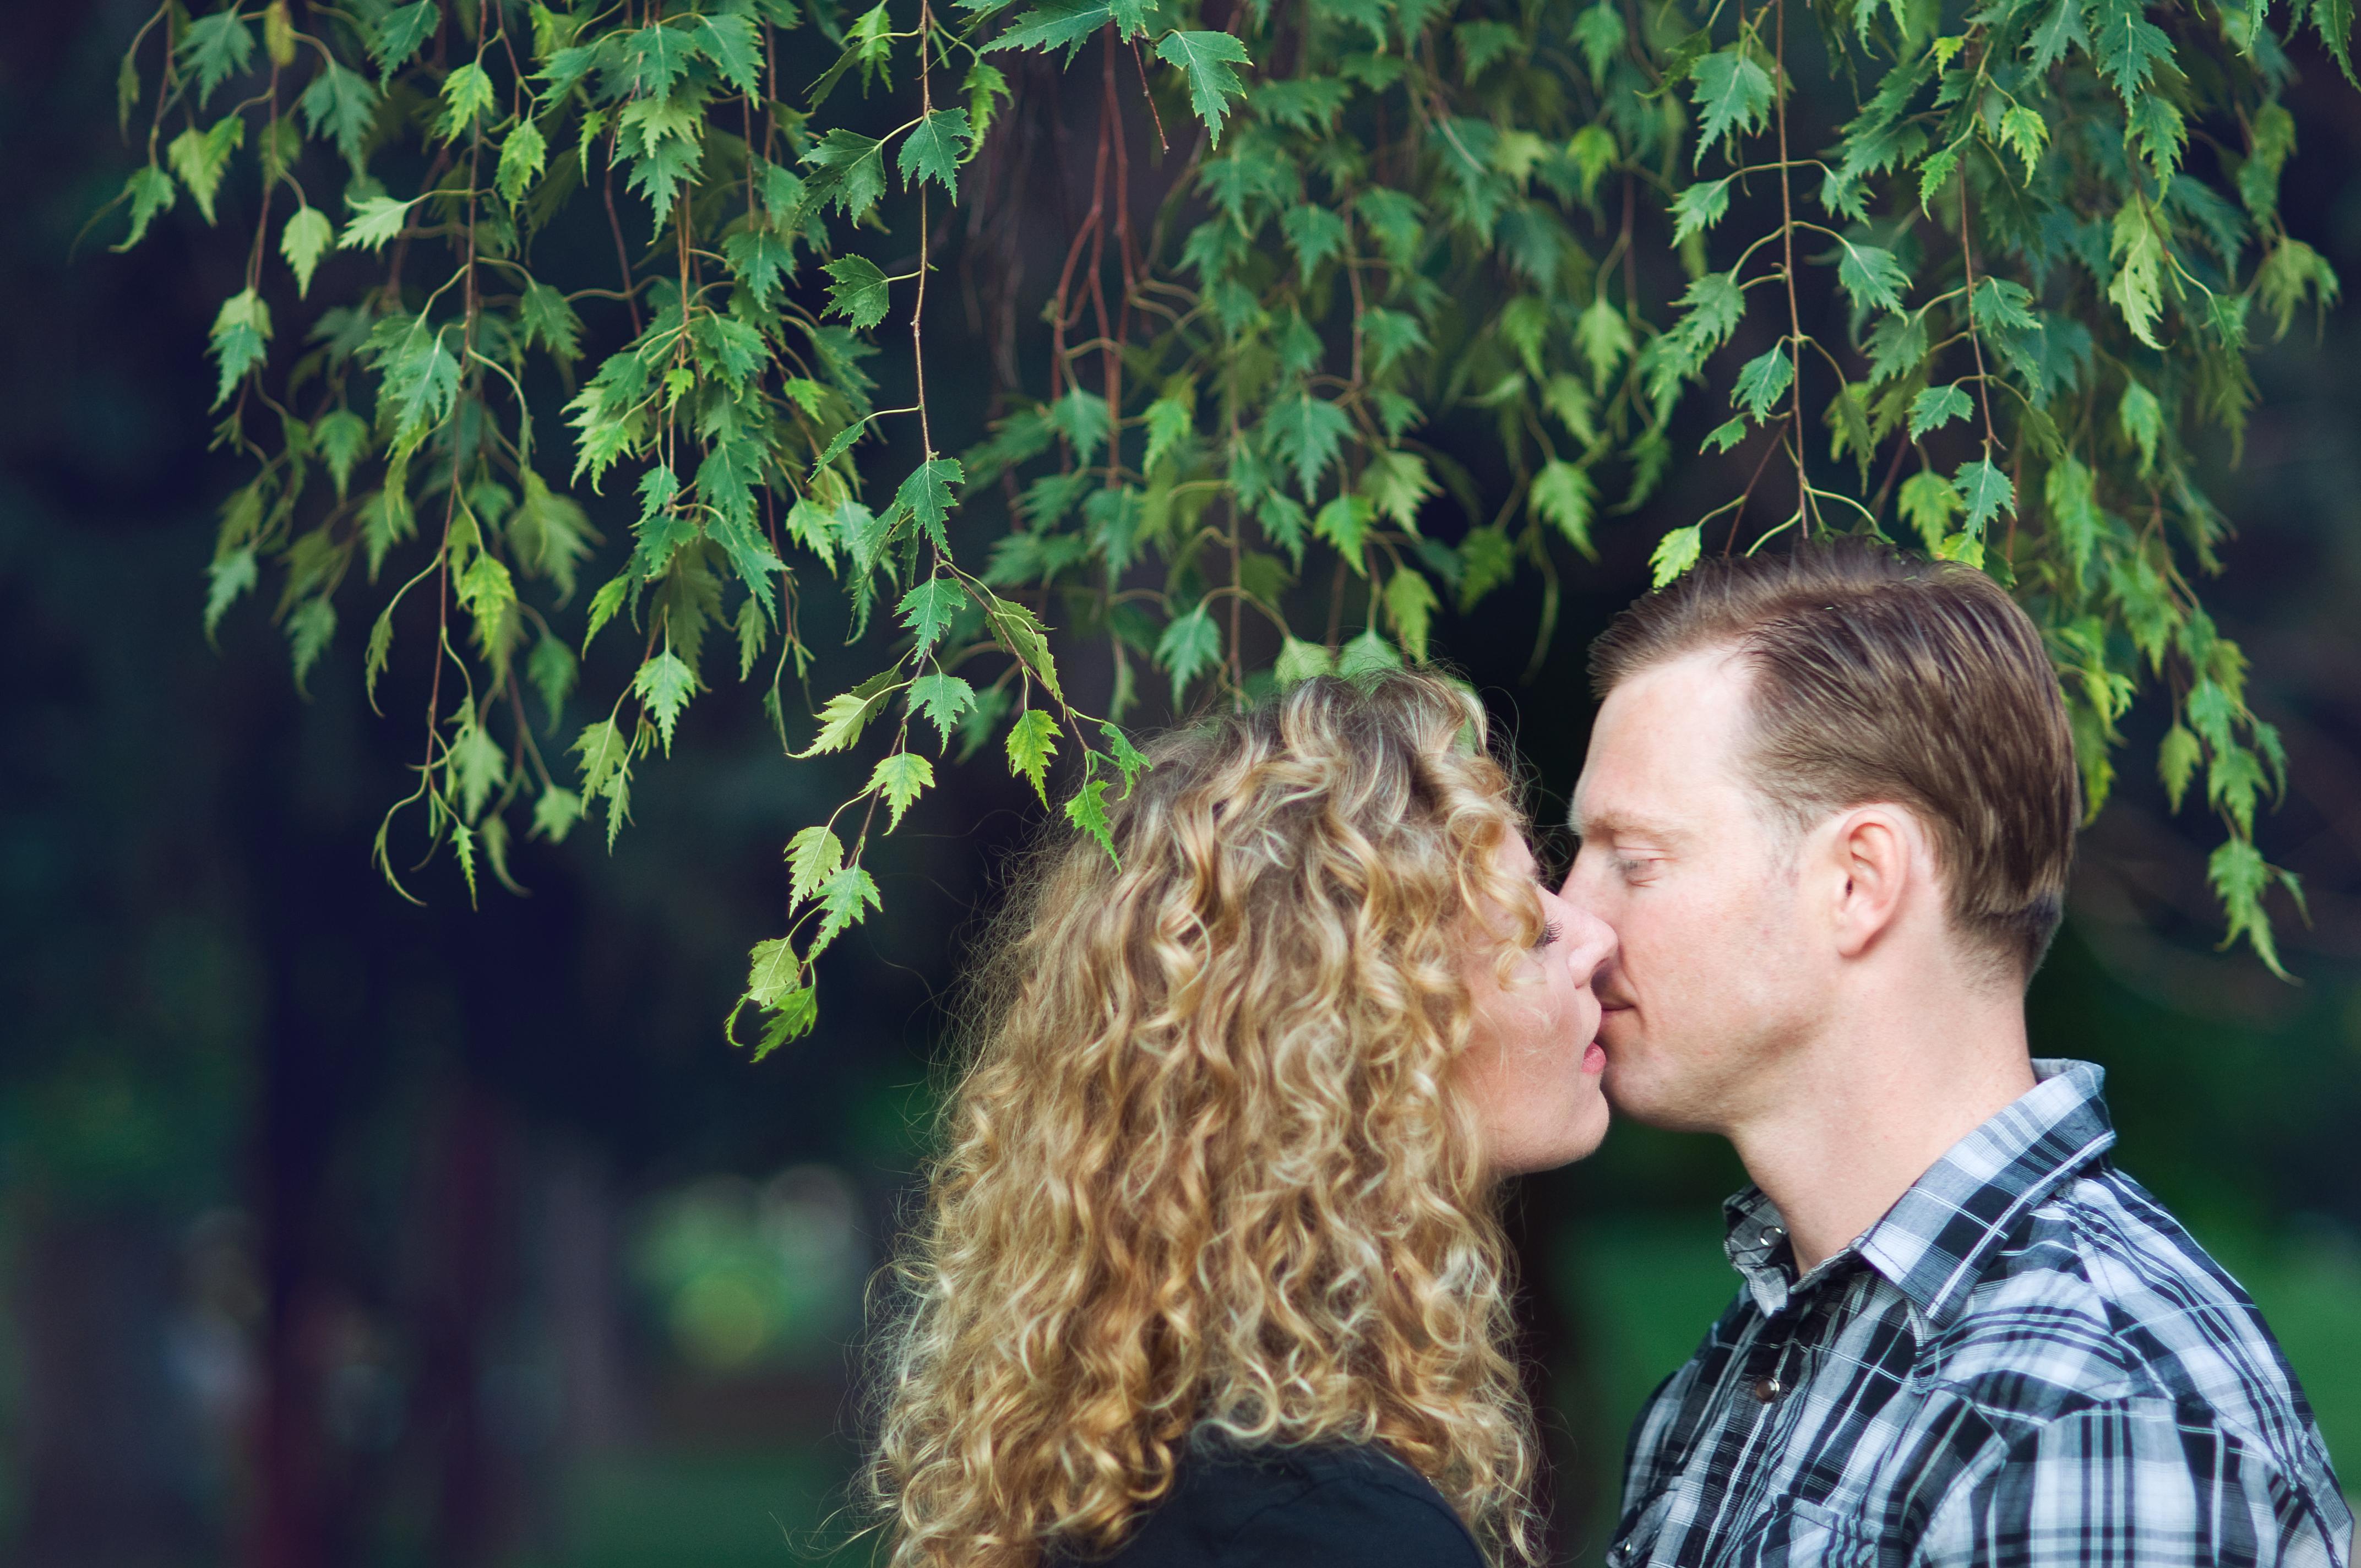 Natalie heiner photography utah salt lake wedding for Annette hein